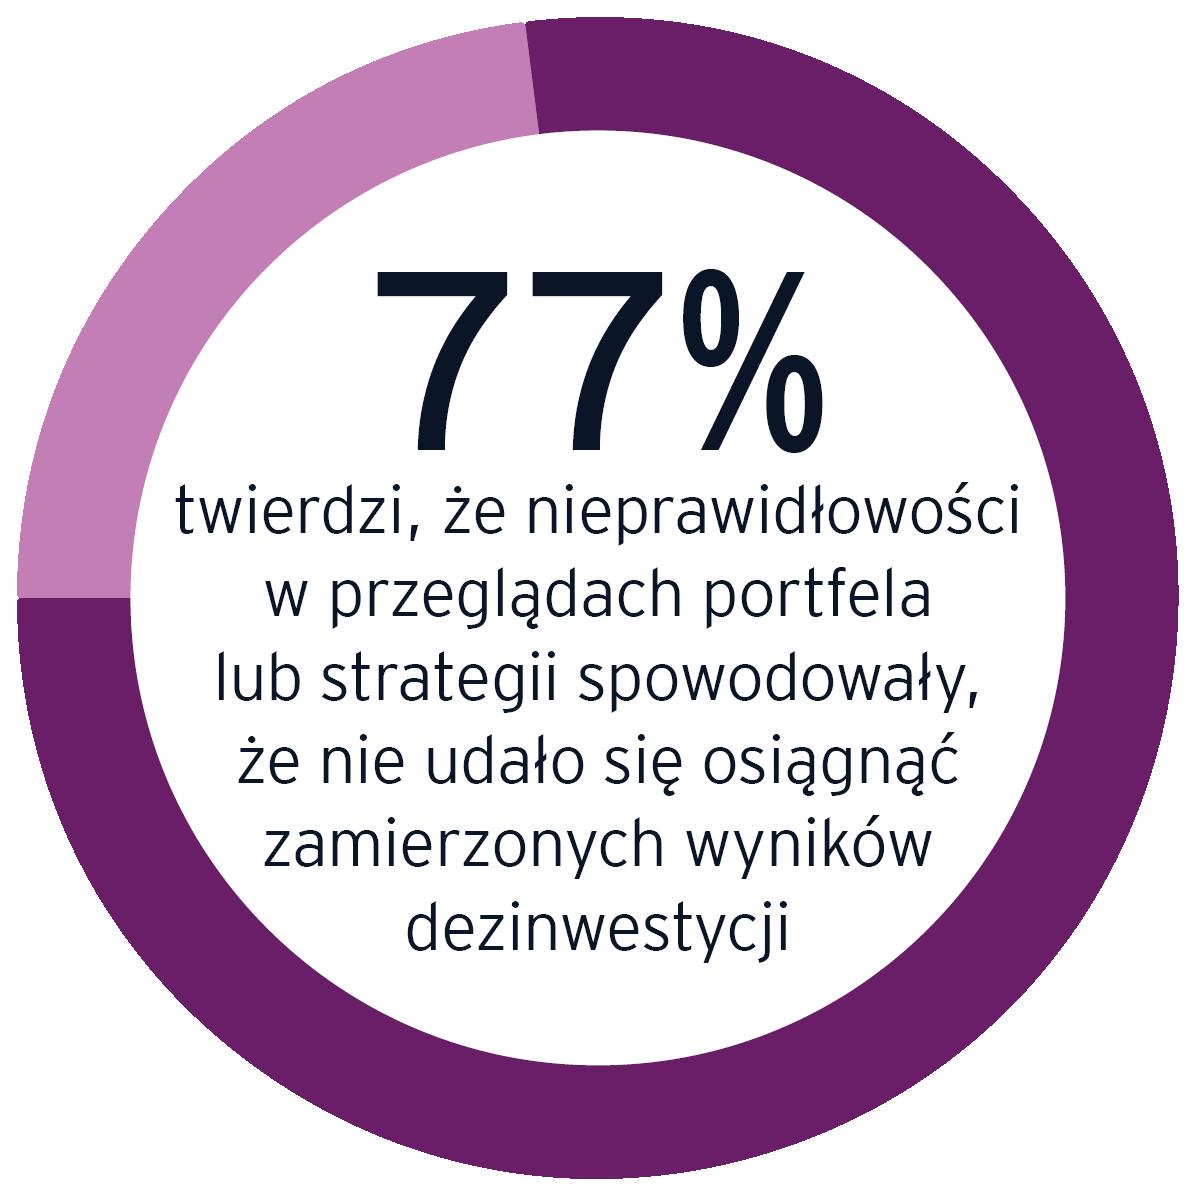 77% z nich twierdzi, że nieprawidłowościw przeglądach portfela